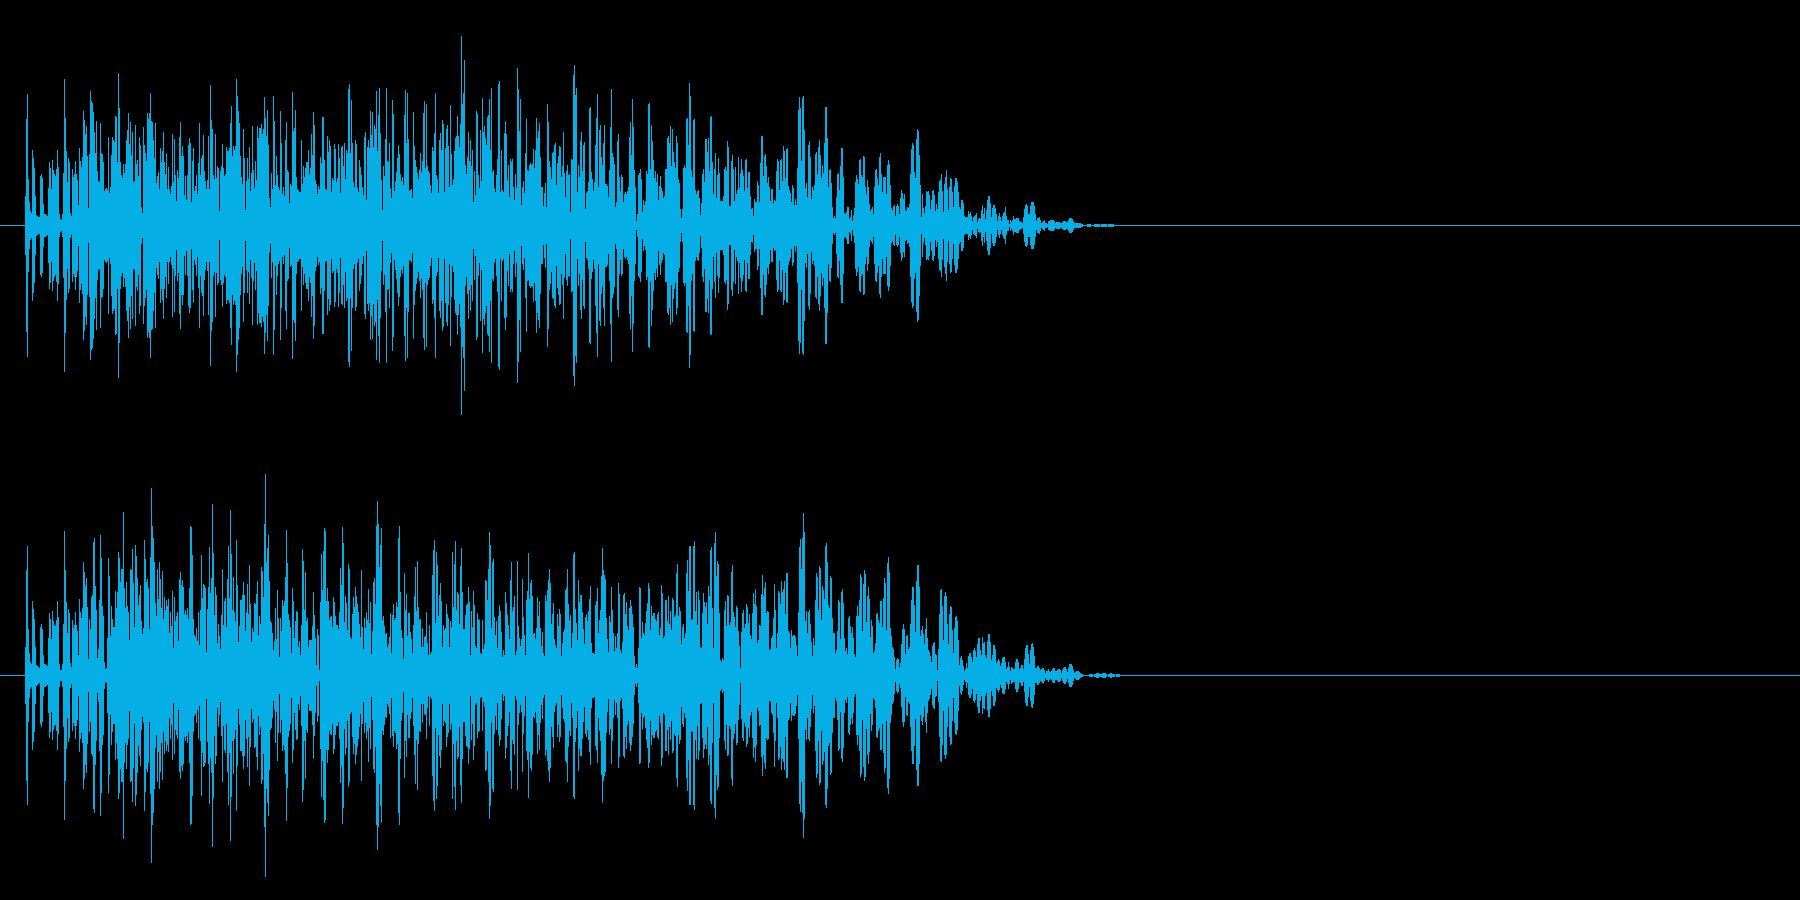 びよん (消去音)の再生済みの波形